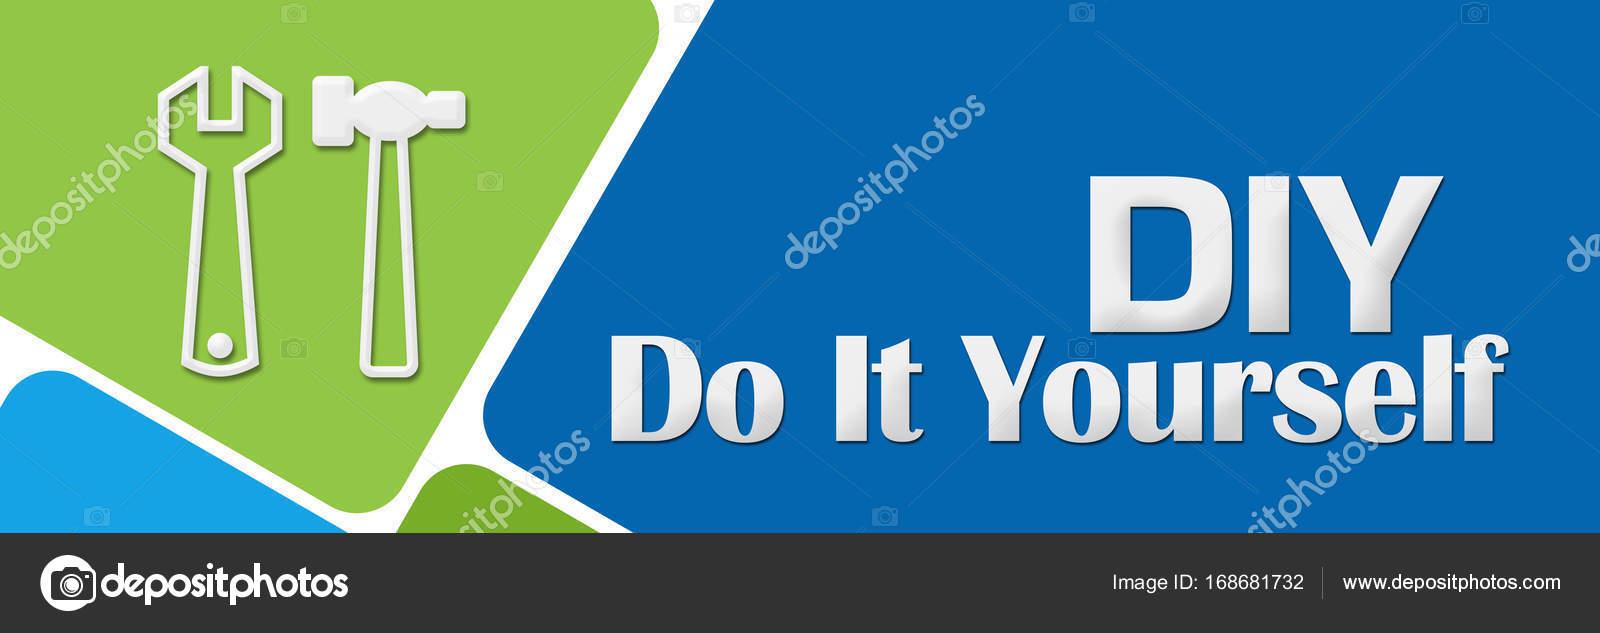 Diy do it yourself verde azul redondeado cuadrados foto de diy hazlo t mismo concepto imagen con texto y smbolo relacionado sobre fondo azul verde foto de ileezhun solutioingenieria Image collections